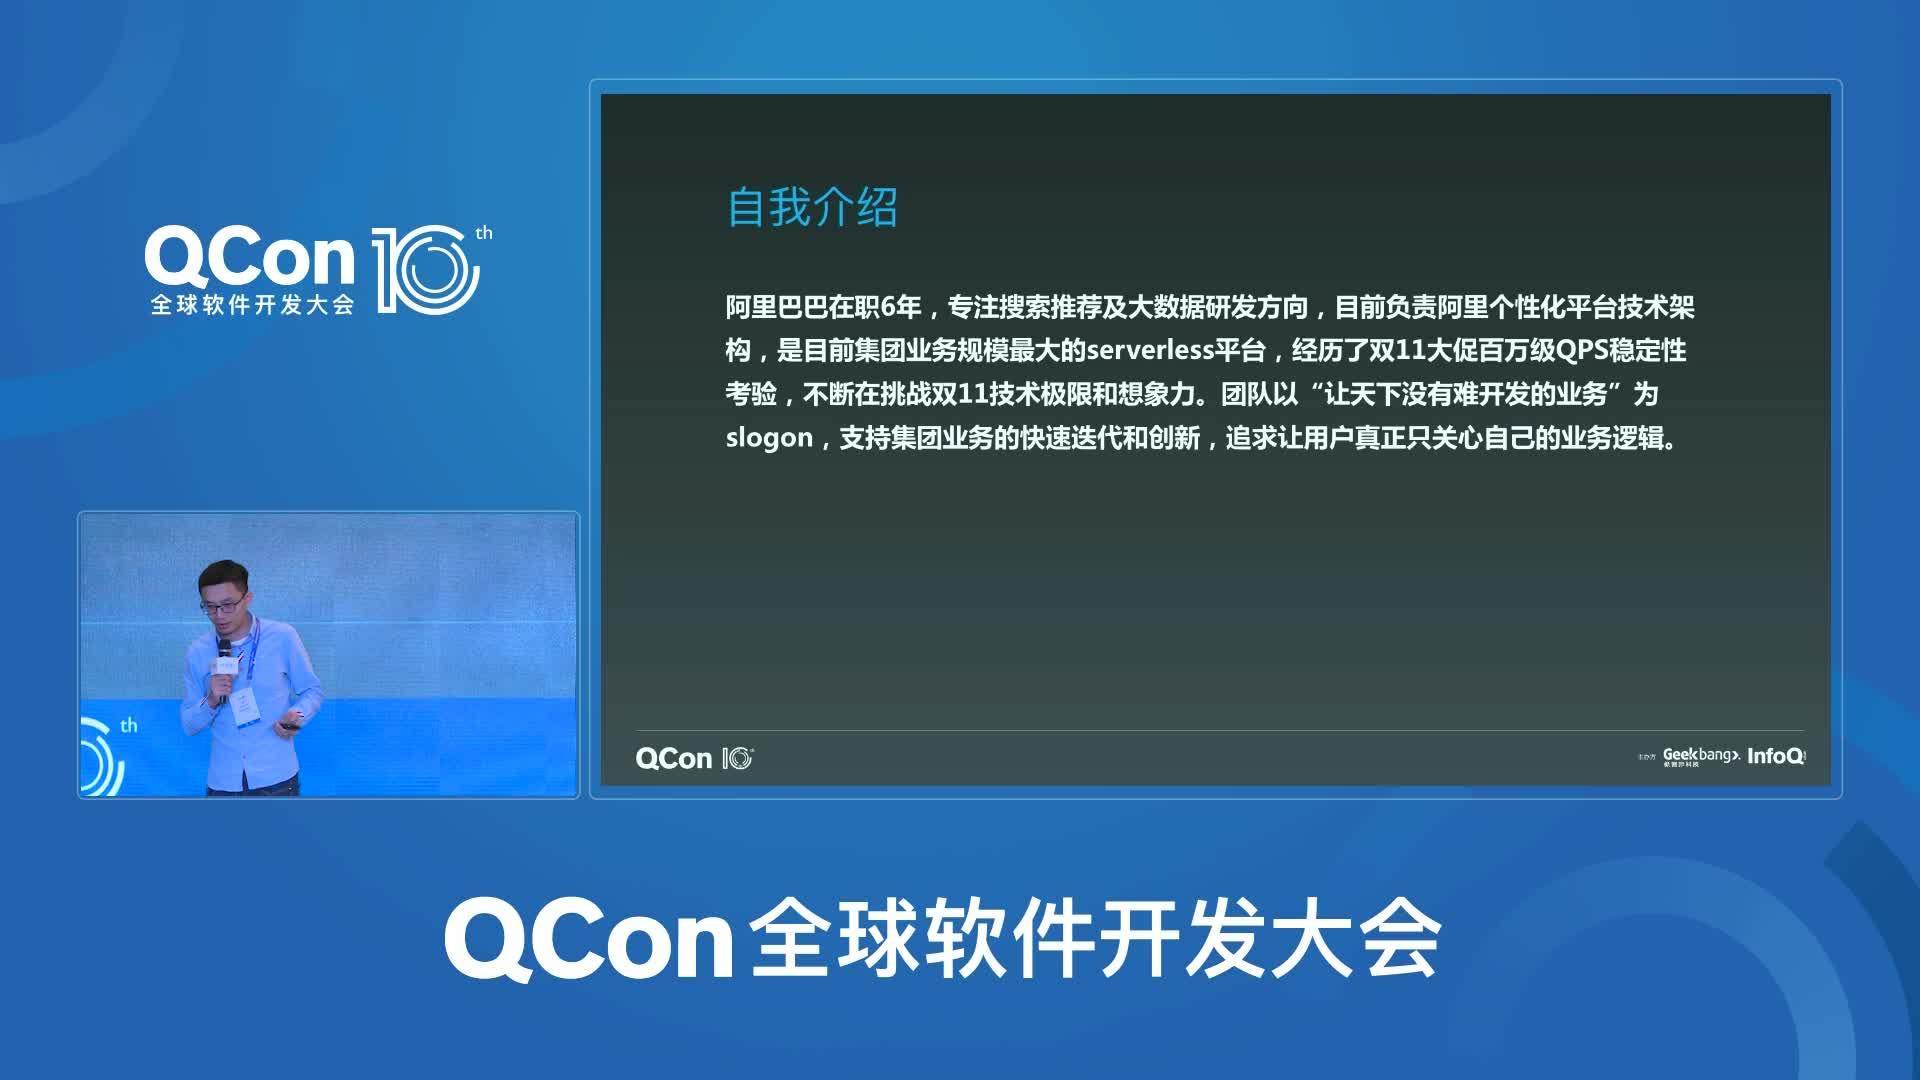 搜索推荐 Serverless 架构和业务中台技术实践丨QCon